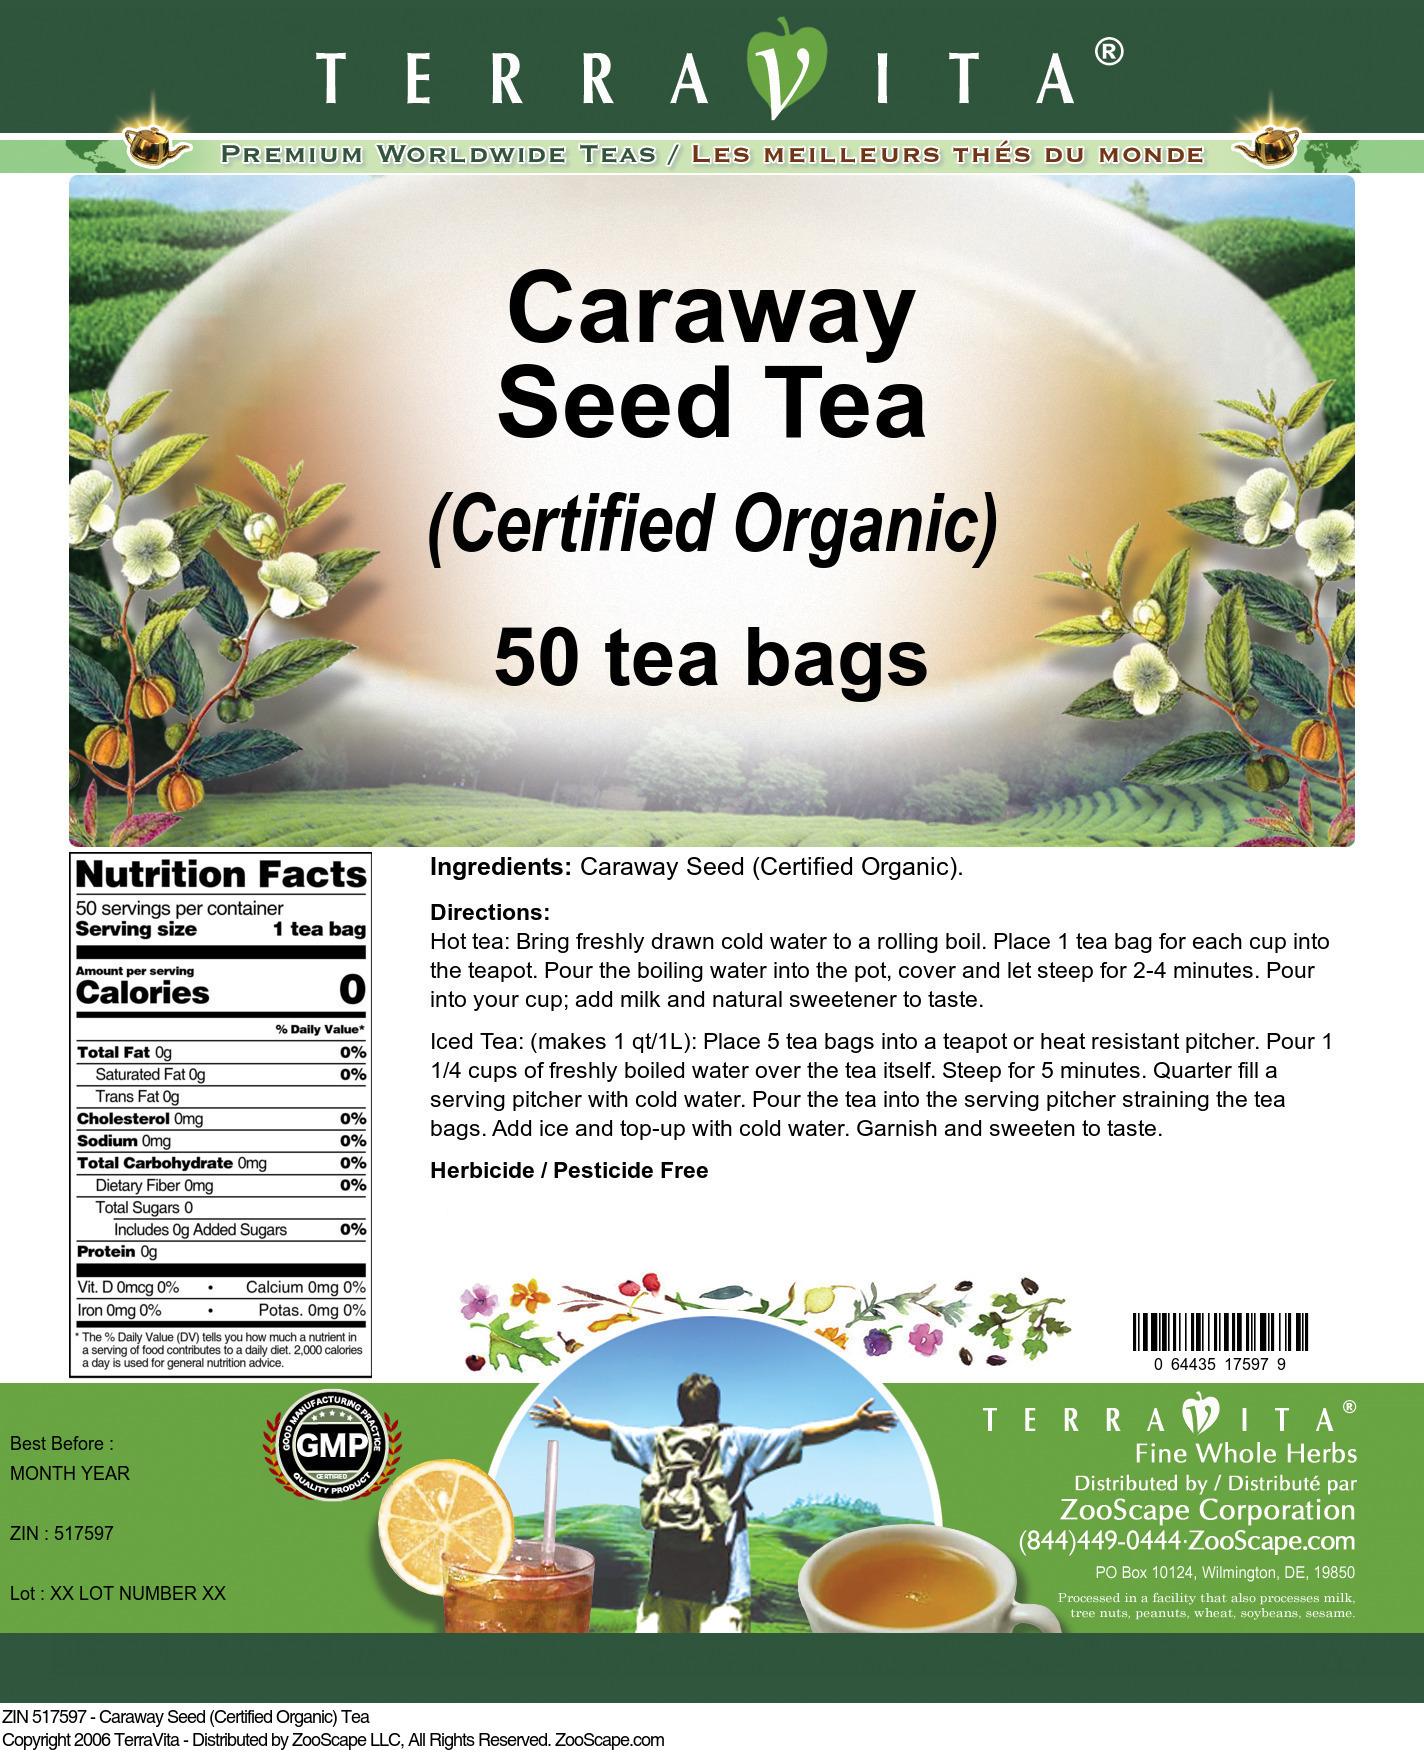 Caraway Seed